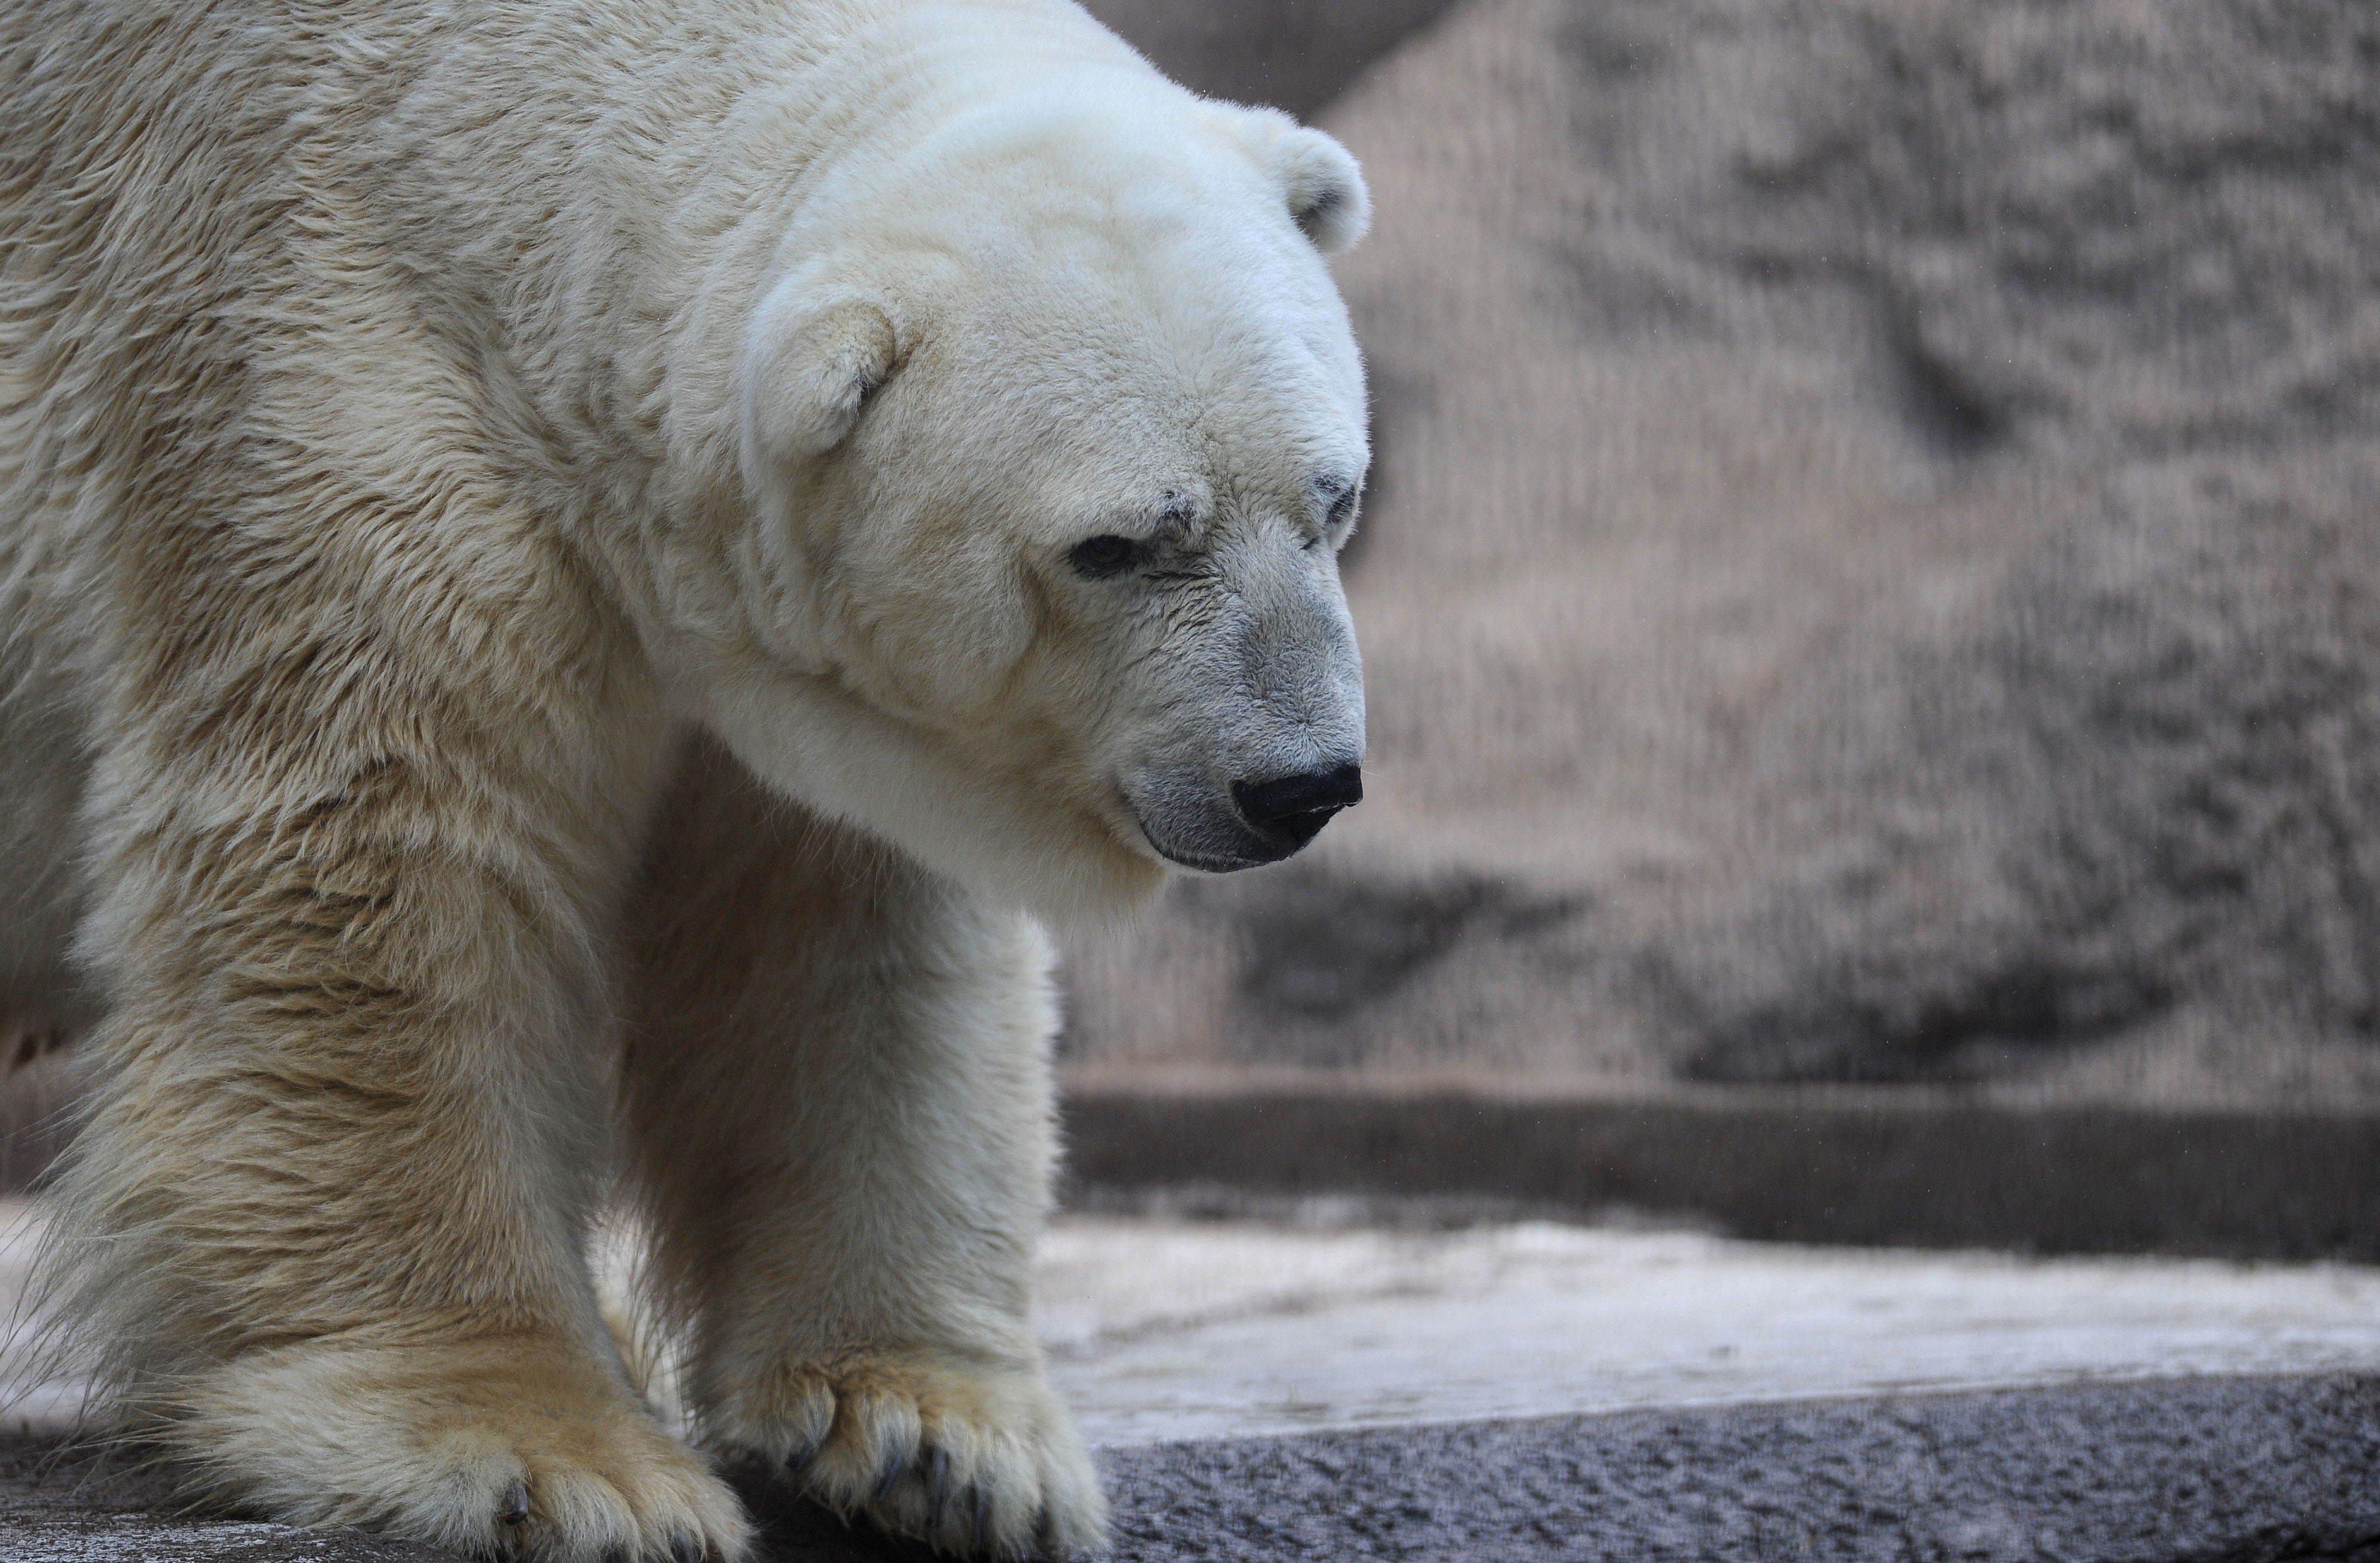 Arturo, World's Saddest Polar Bear, Dies After Decades In